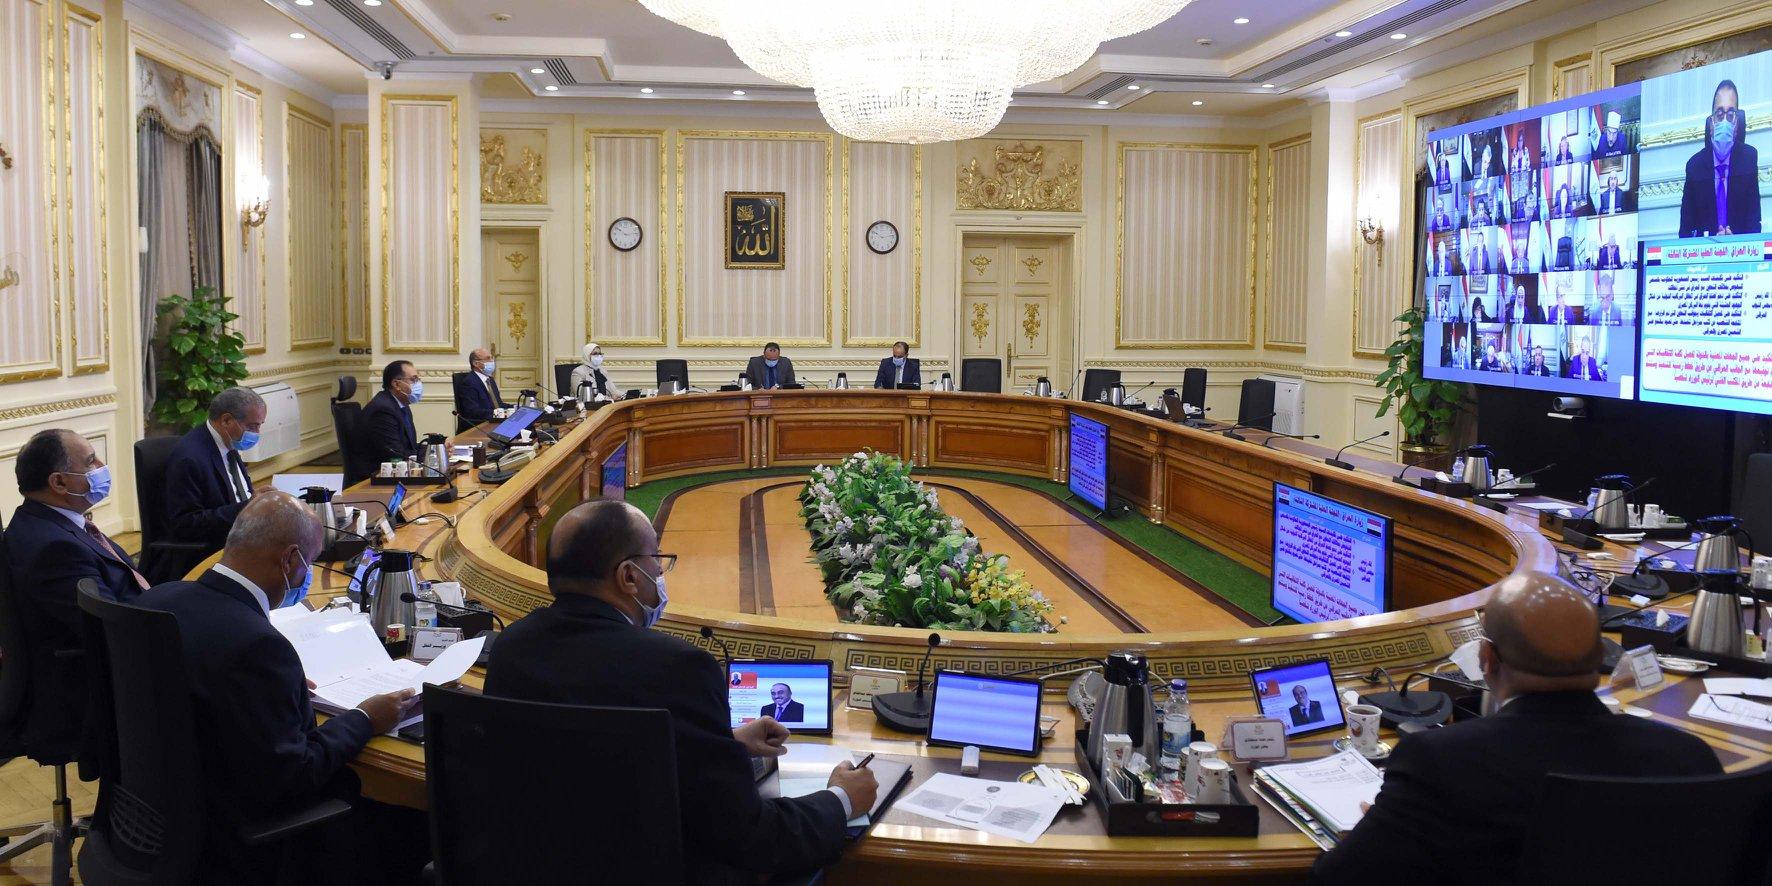 وزيرة الصحة تستعرض الوضع الحالي لوباء كورونا في مصر والعالم